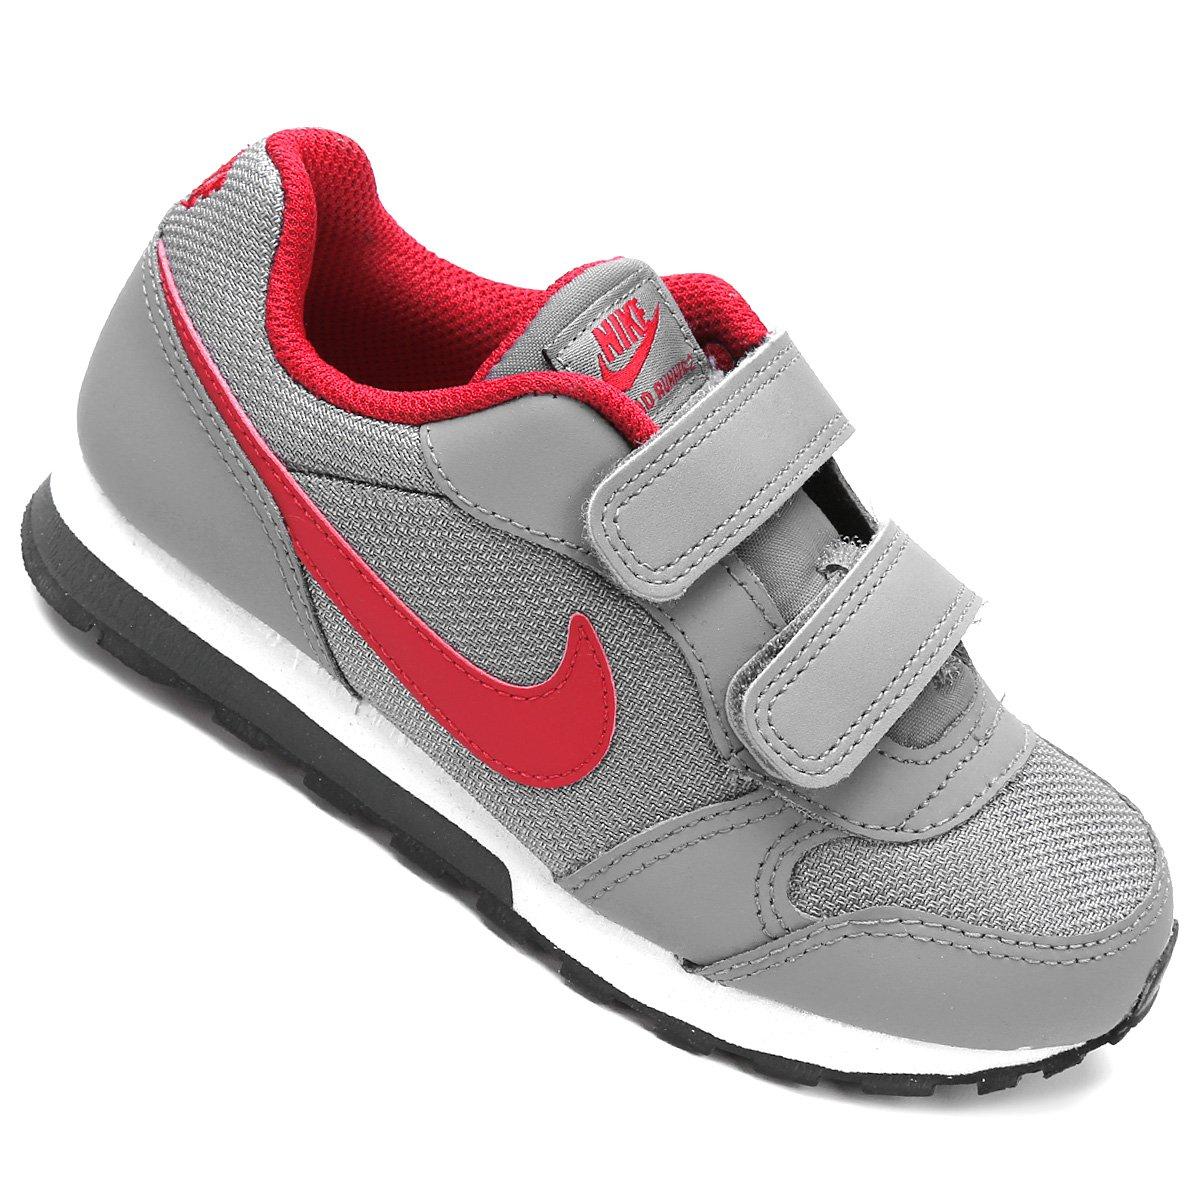 ba565d5b5b2a2 Tênis Infantil Nike Md Runner 2 - Cinza e Vermelho - Compre Agora ...